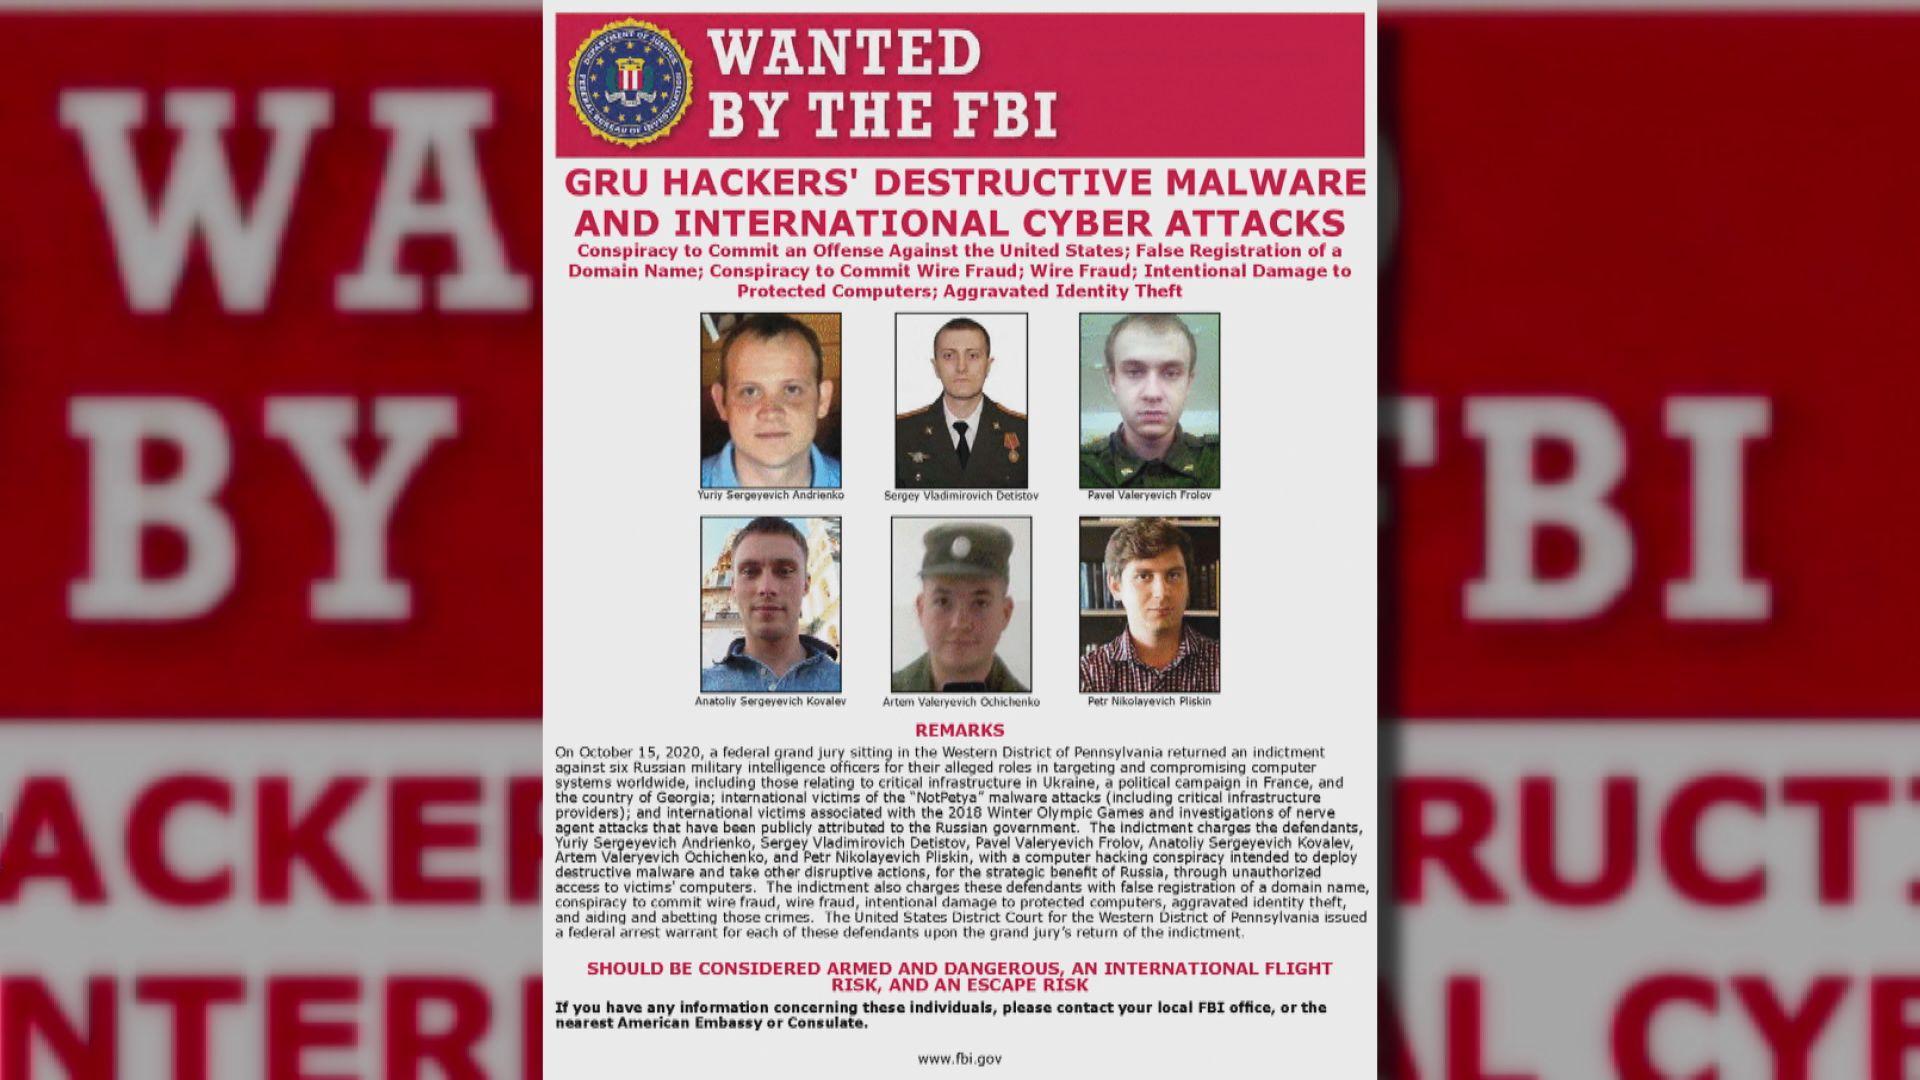 美起訴6名俄軍官涉在全球發動網絡攻擊